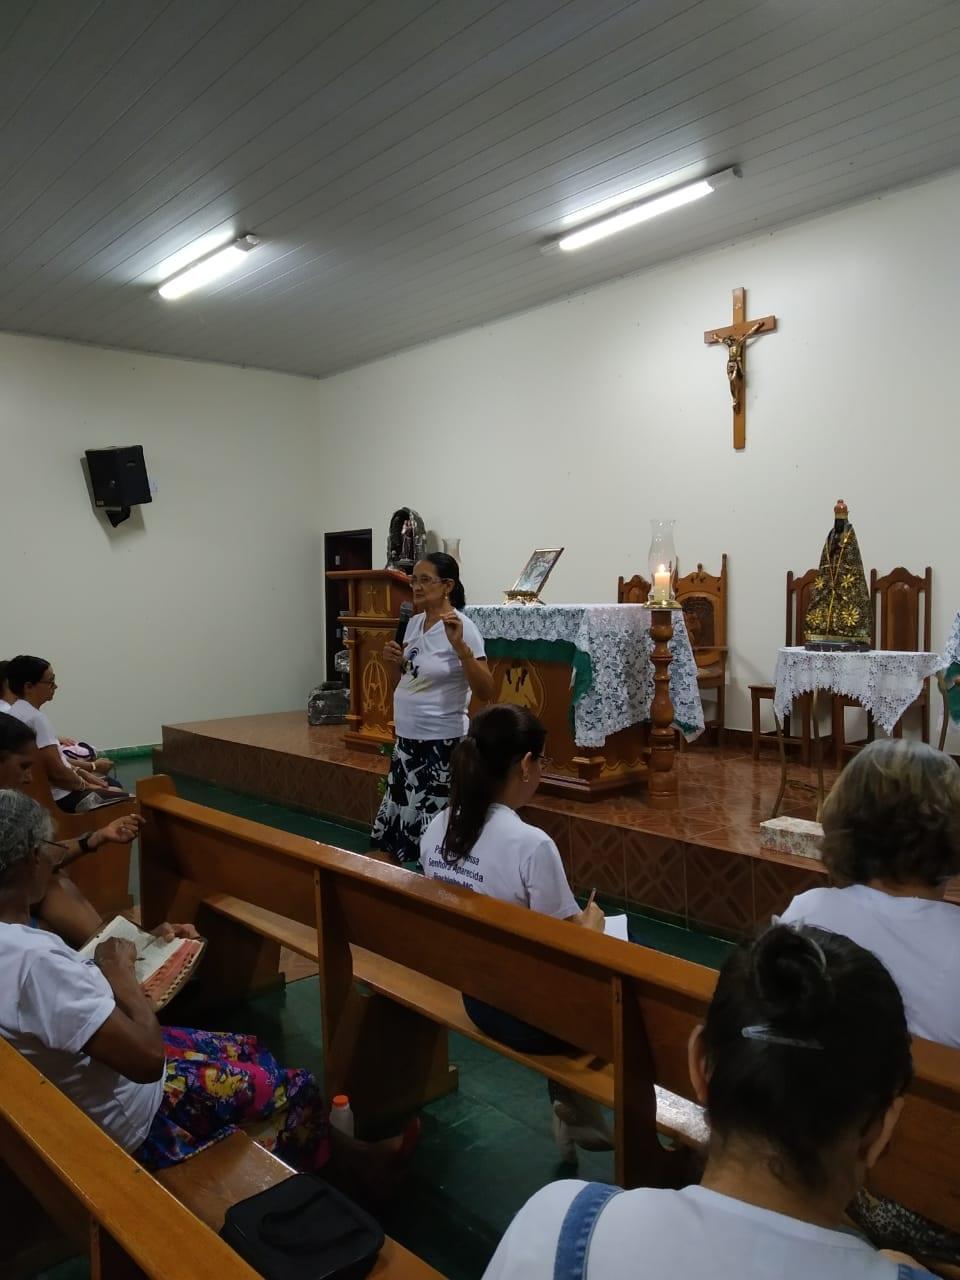 PARÓQUIA NOSSA SENHORA APARECIDA – RIACHINHO/MG